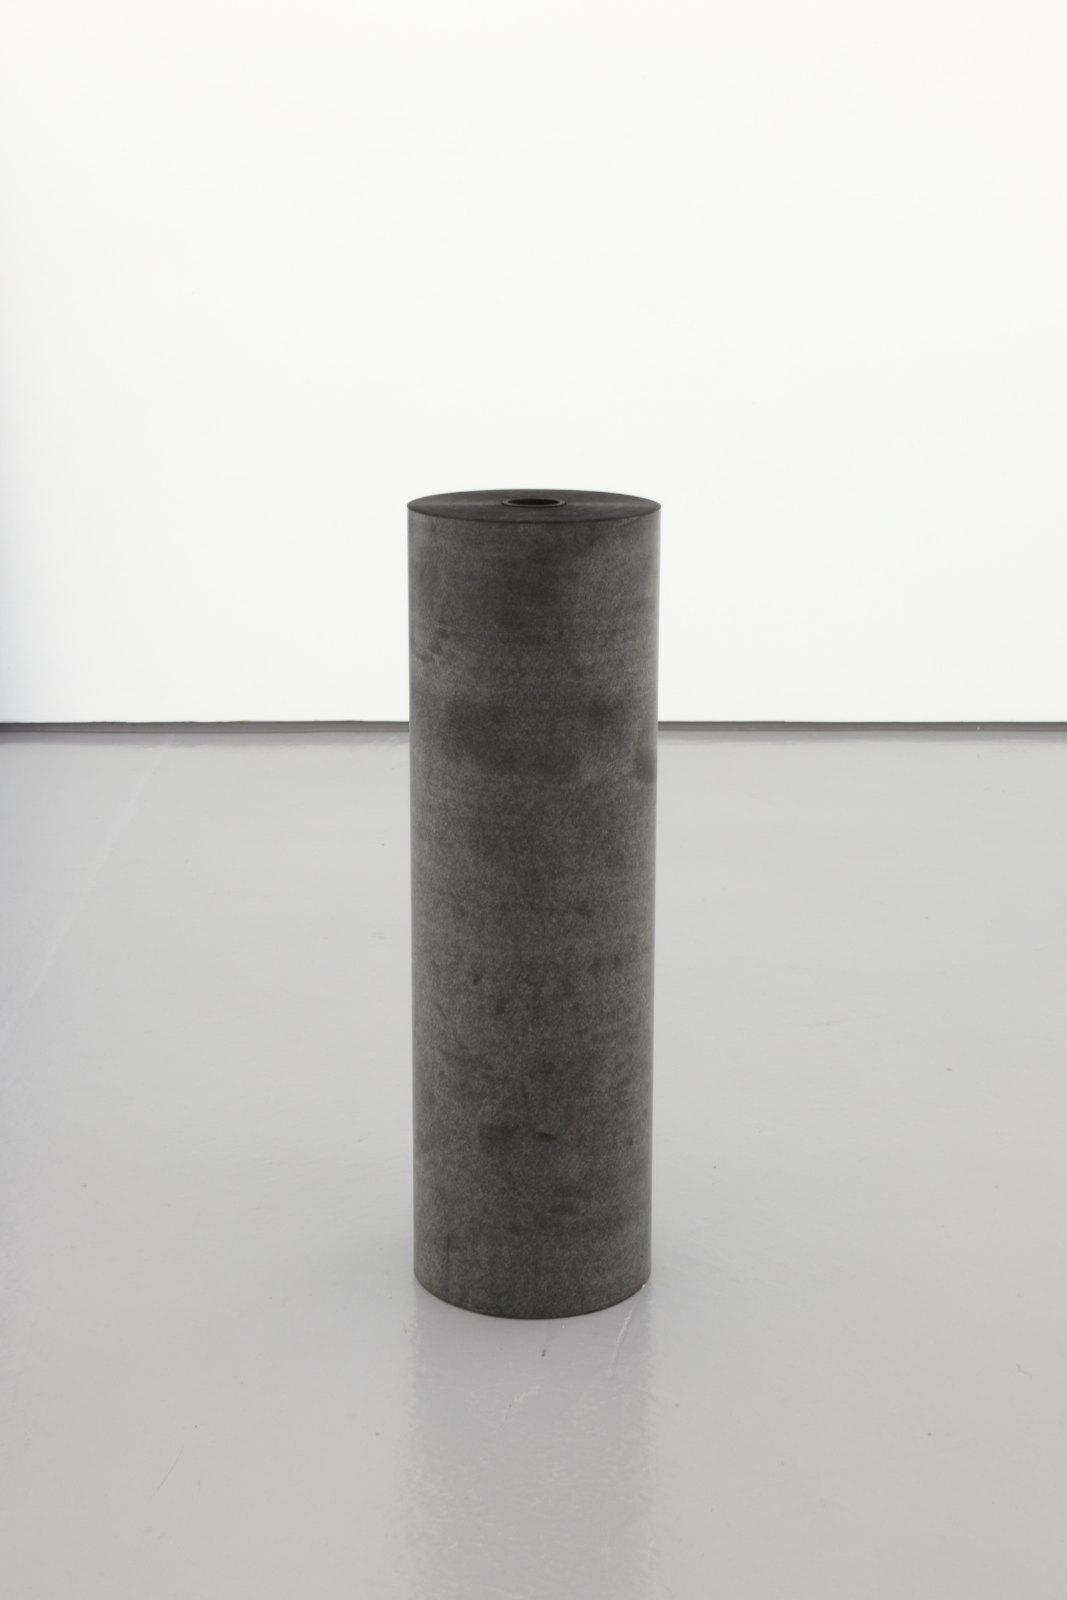 Kristján Gudmundsson, Black Hole, 1993, Carbon paper, 112 x 34 ø cm